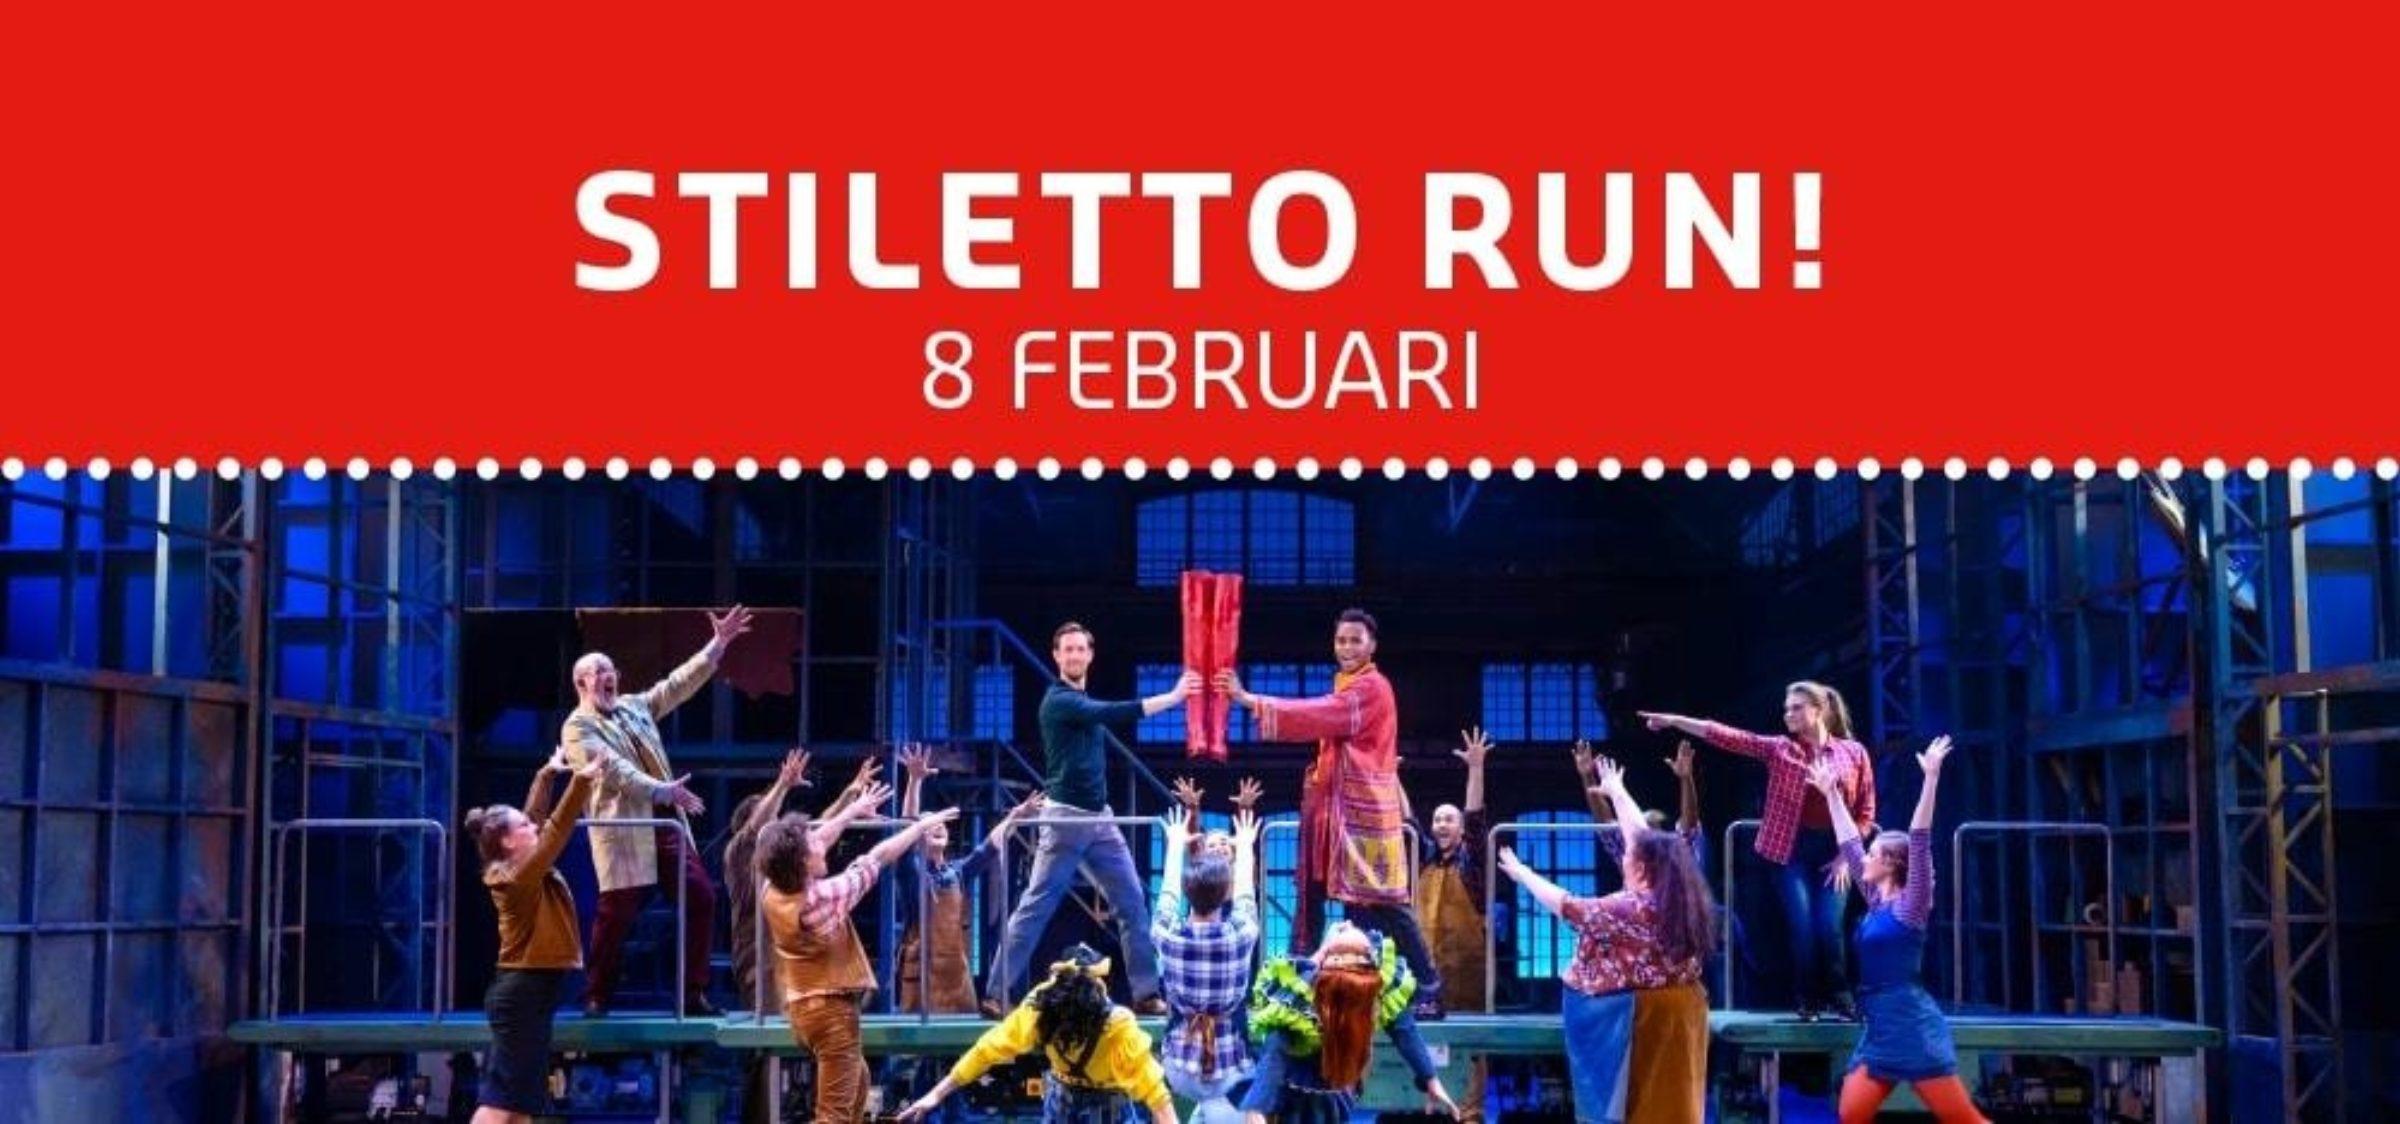 Kinky Boots Stiletto Run Banner Website 20Jan2020 1